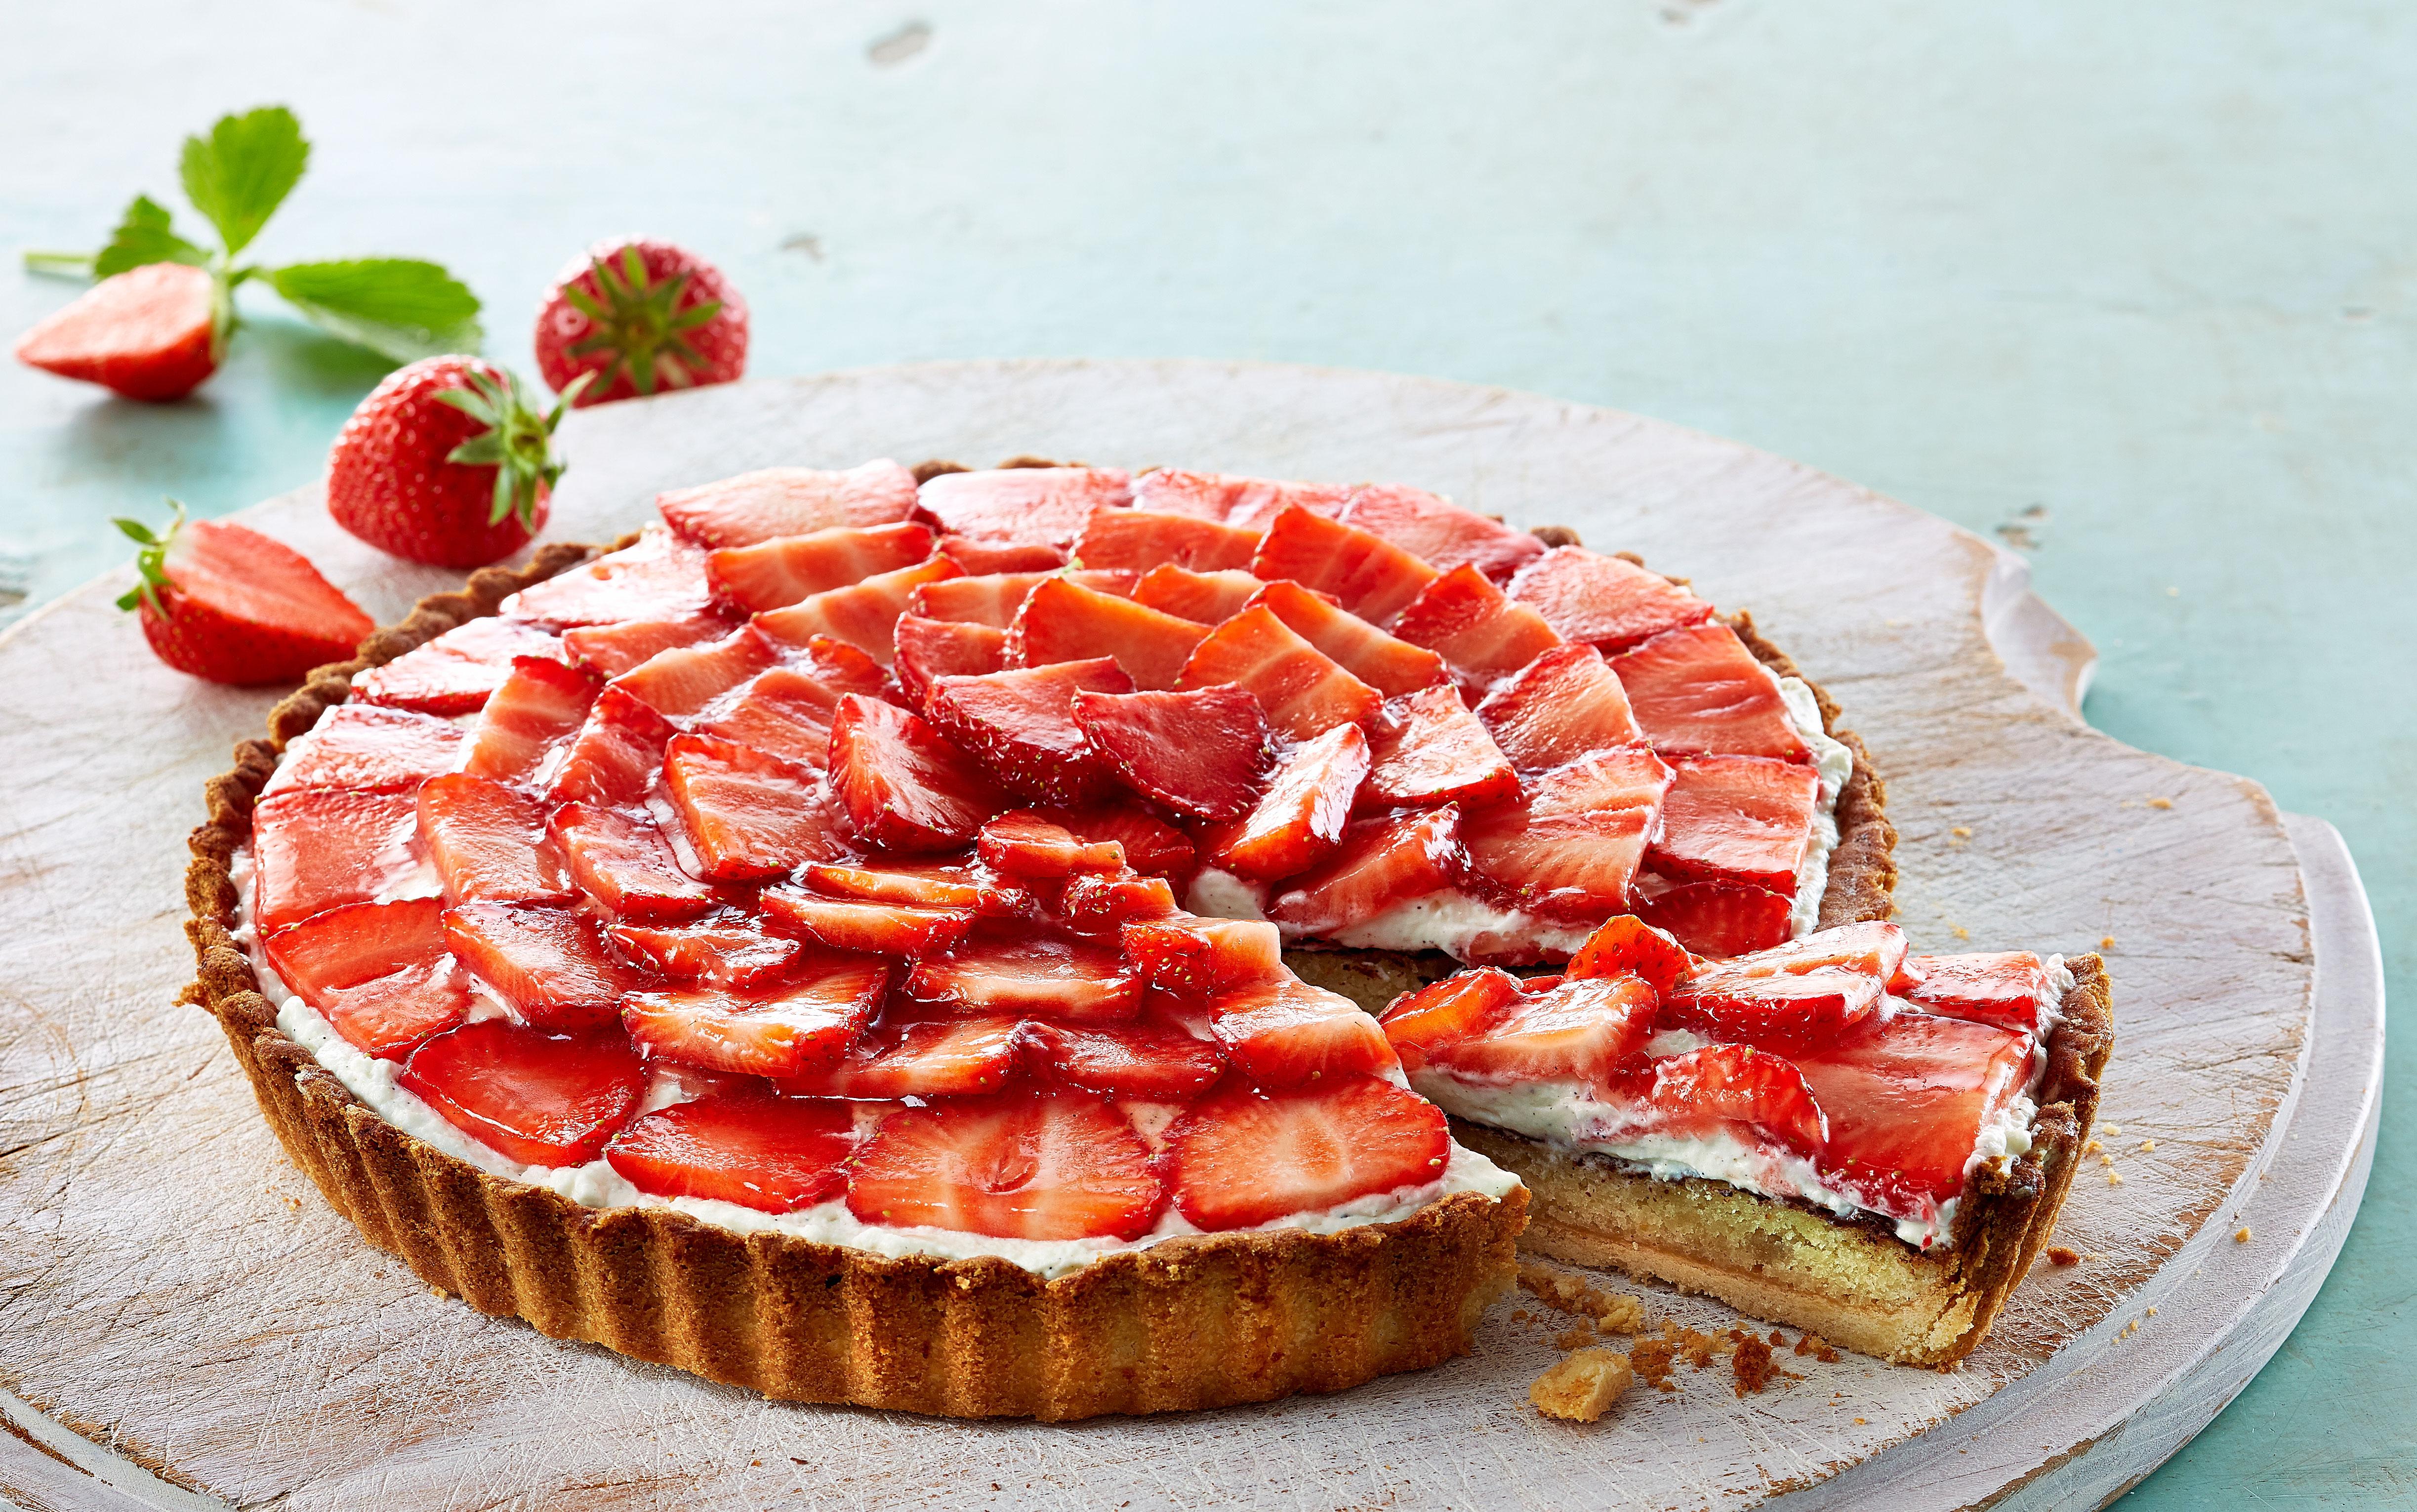 arla jordbærtærte